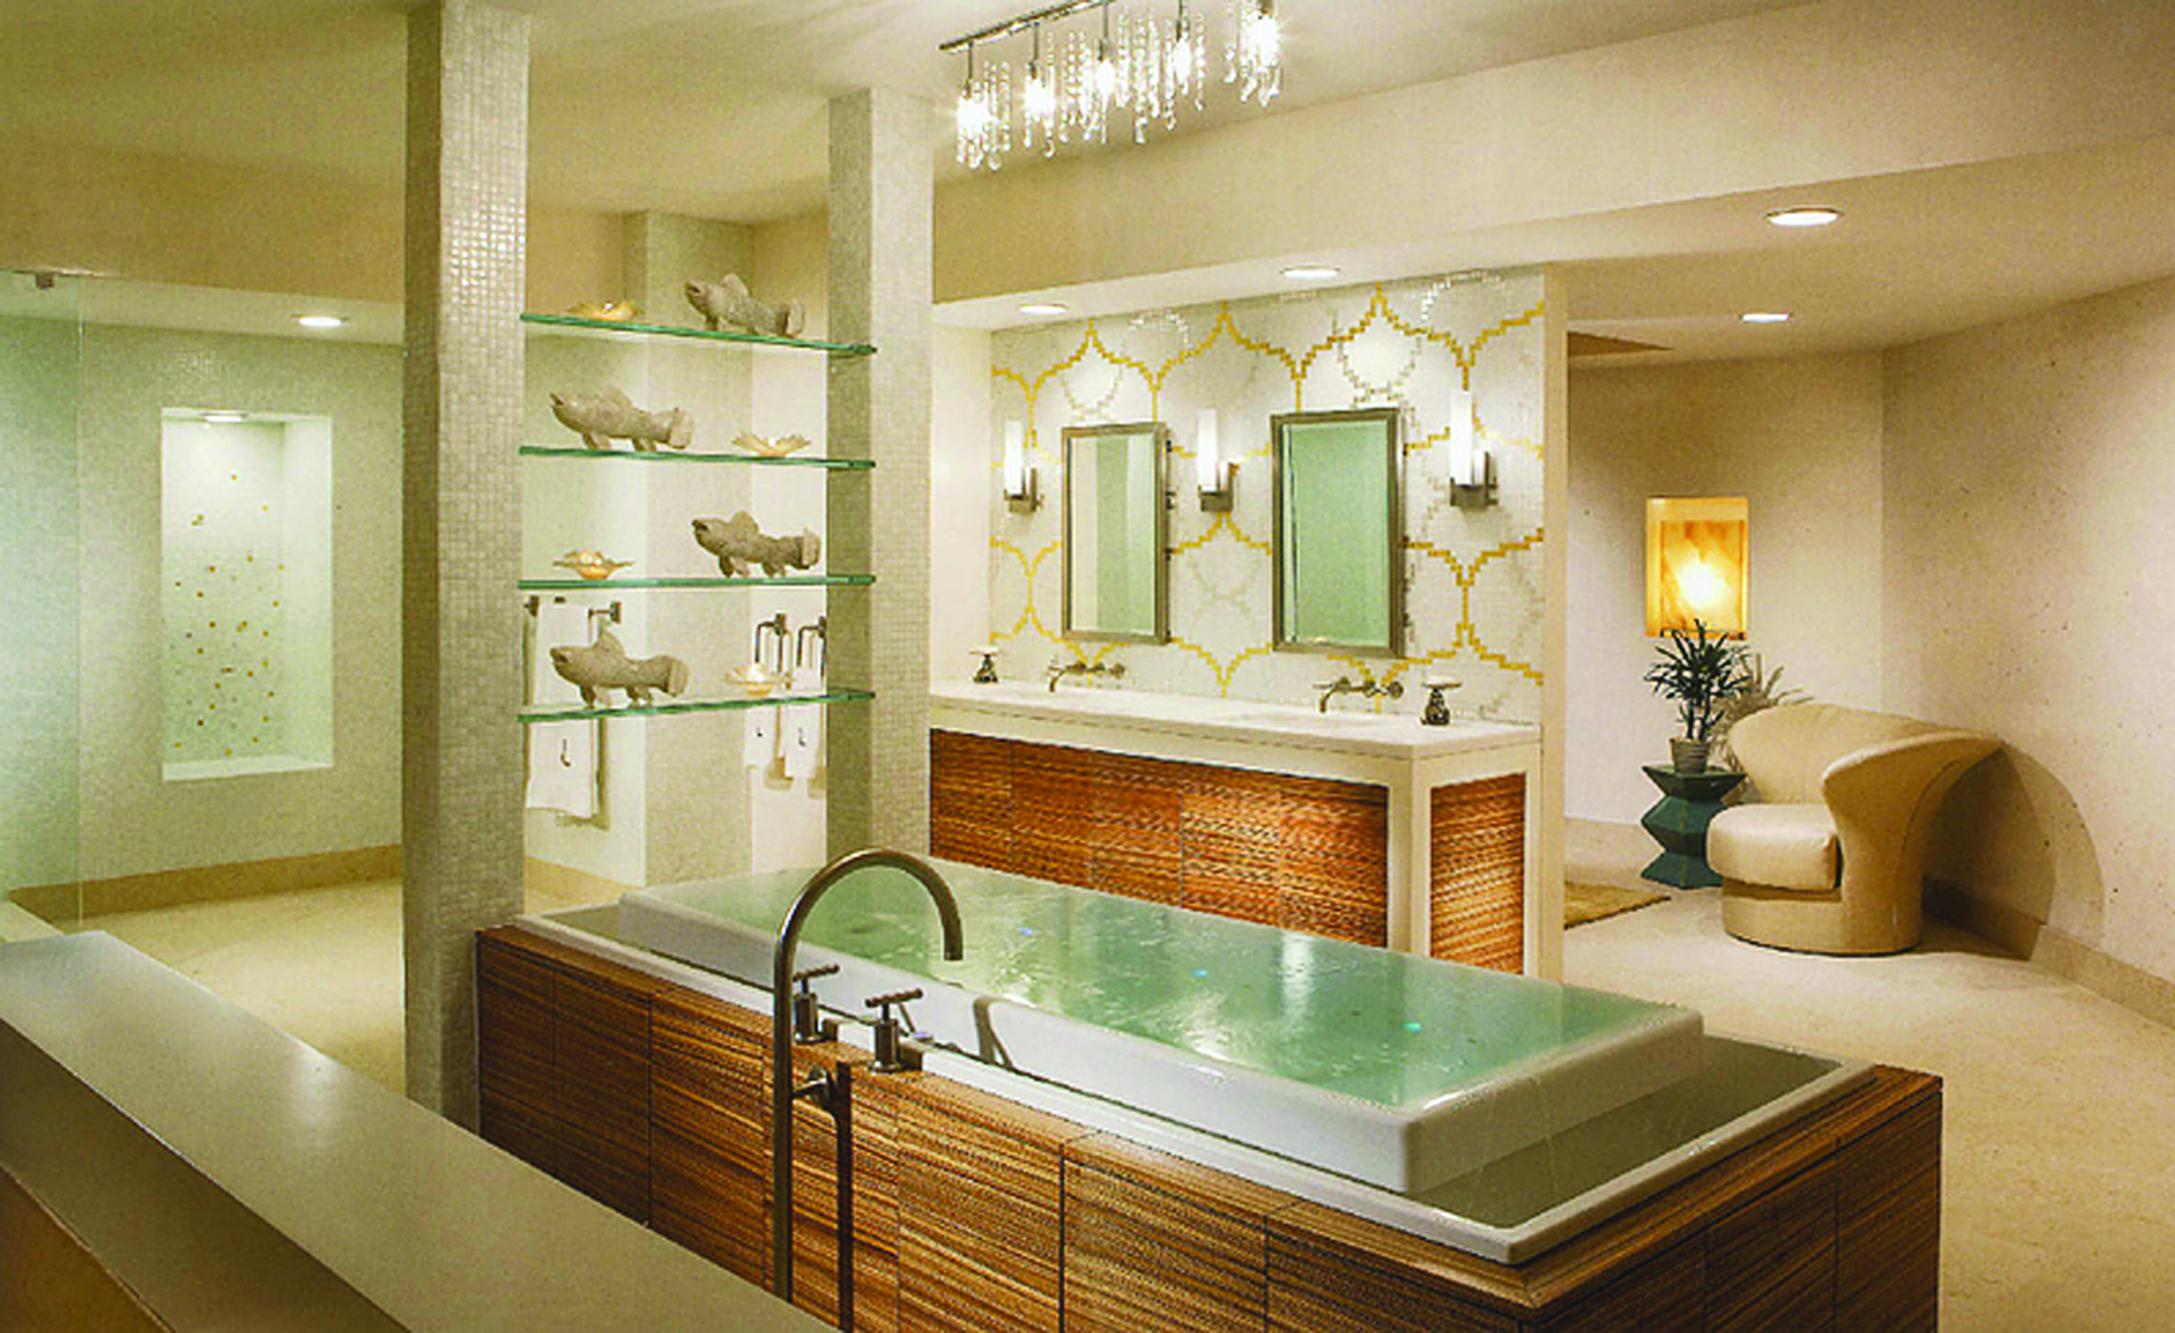 Turn Your Bathtub Into A Hot Tub - Tubethevote